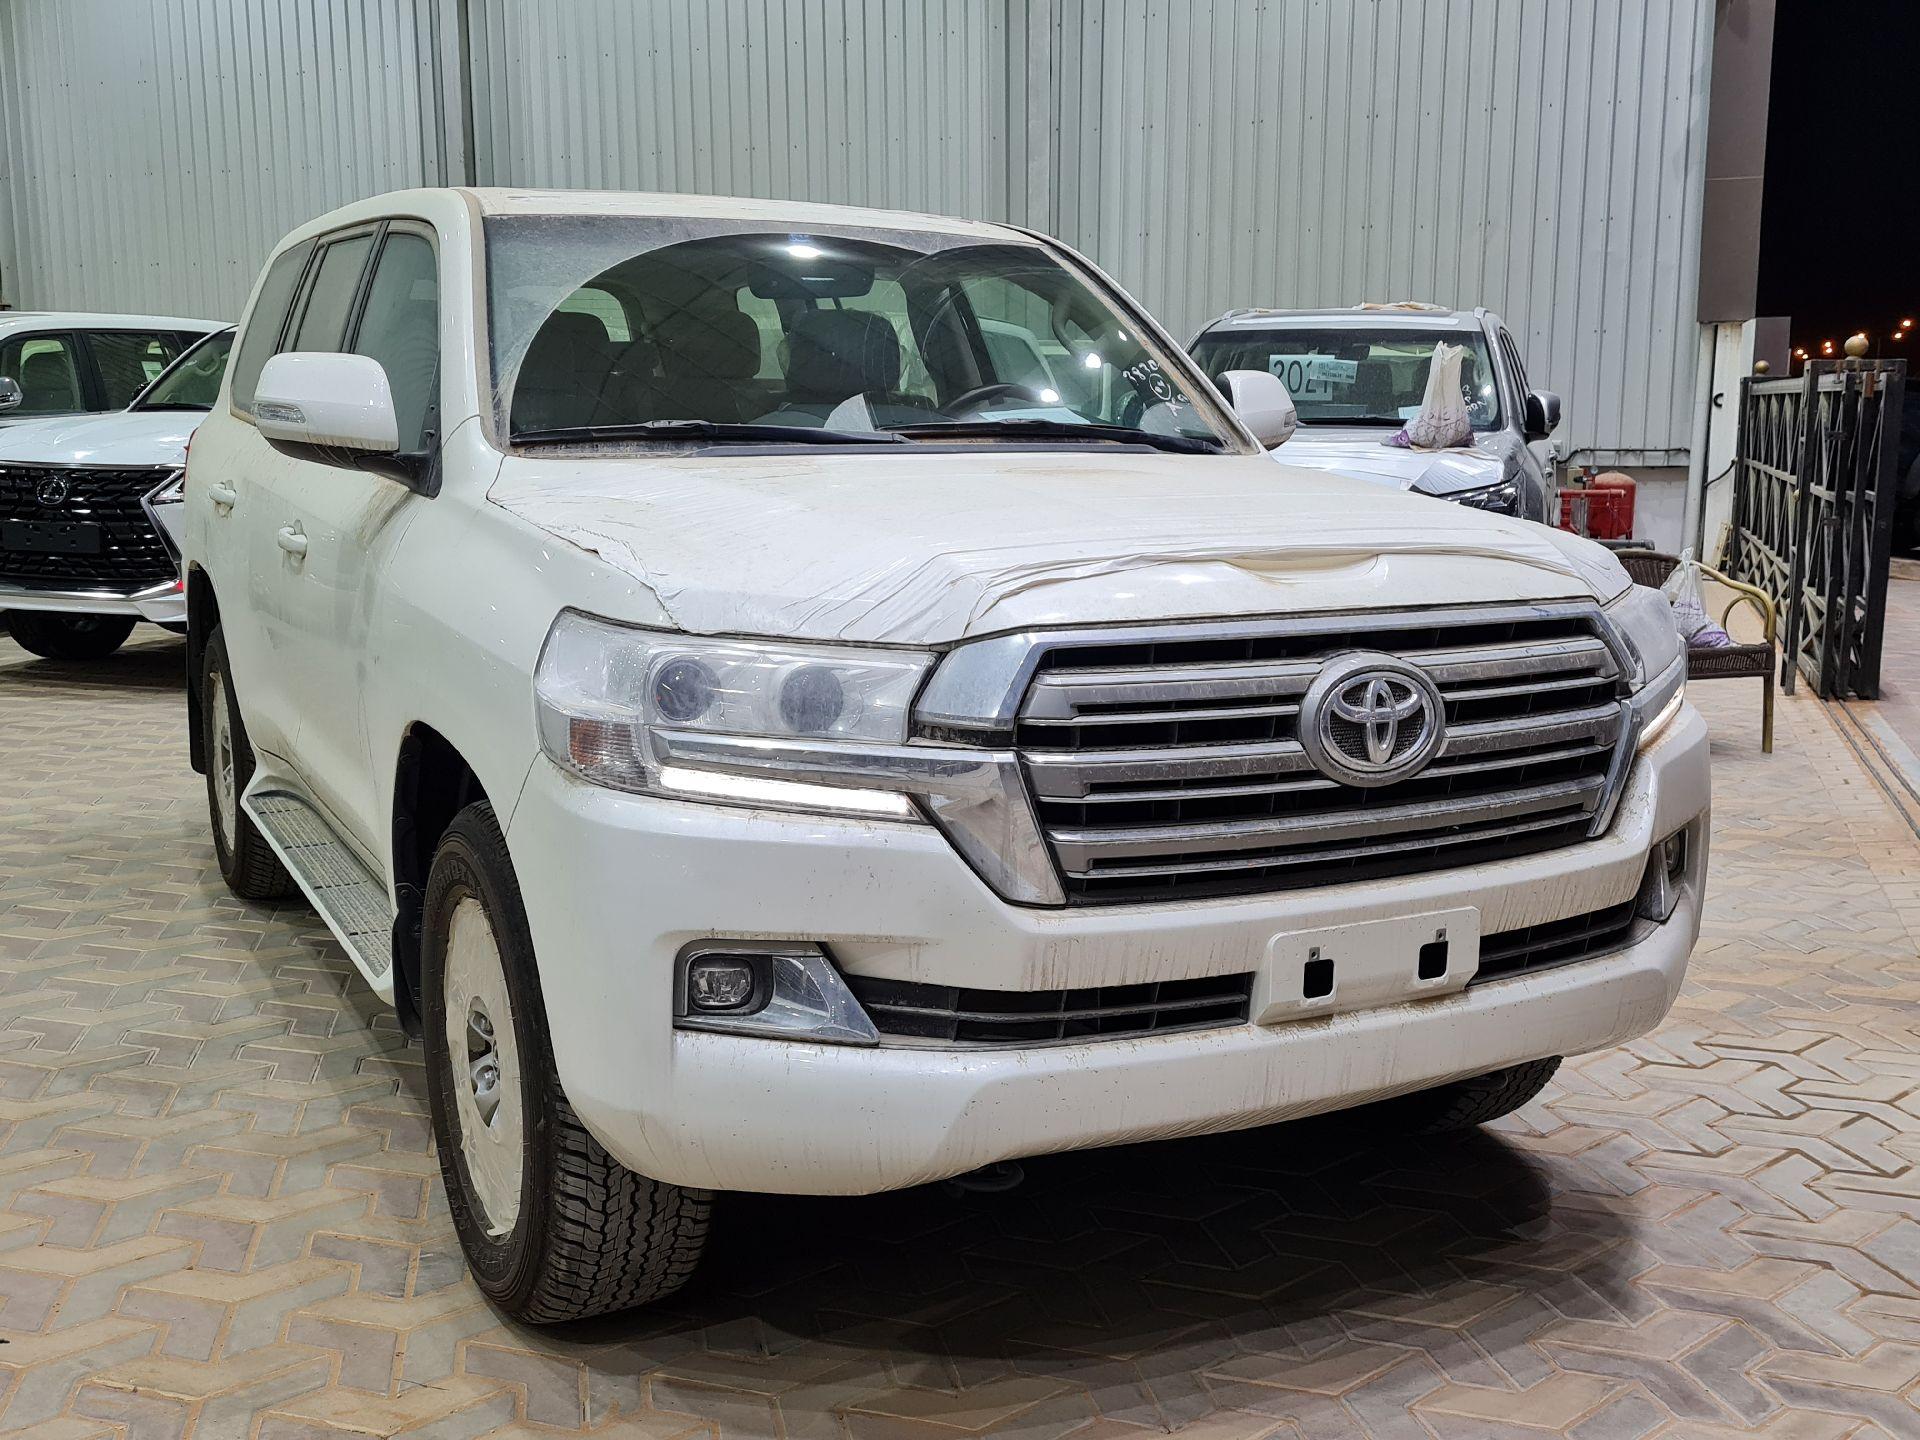 تويوتا لاندكروزر GXR2 2021 نص فل عماني للبيع في الرياض - السعودية - صورة كبيرة - 5